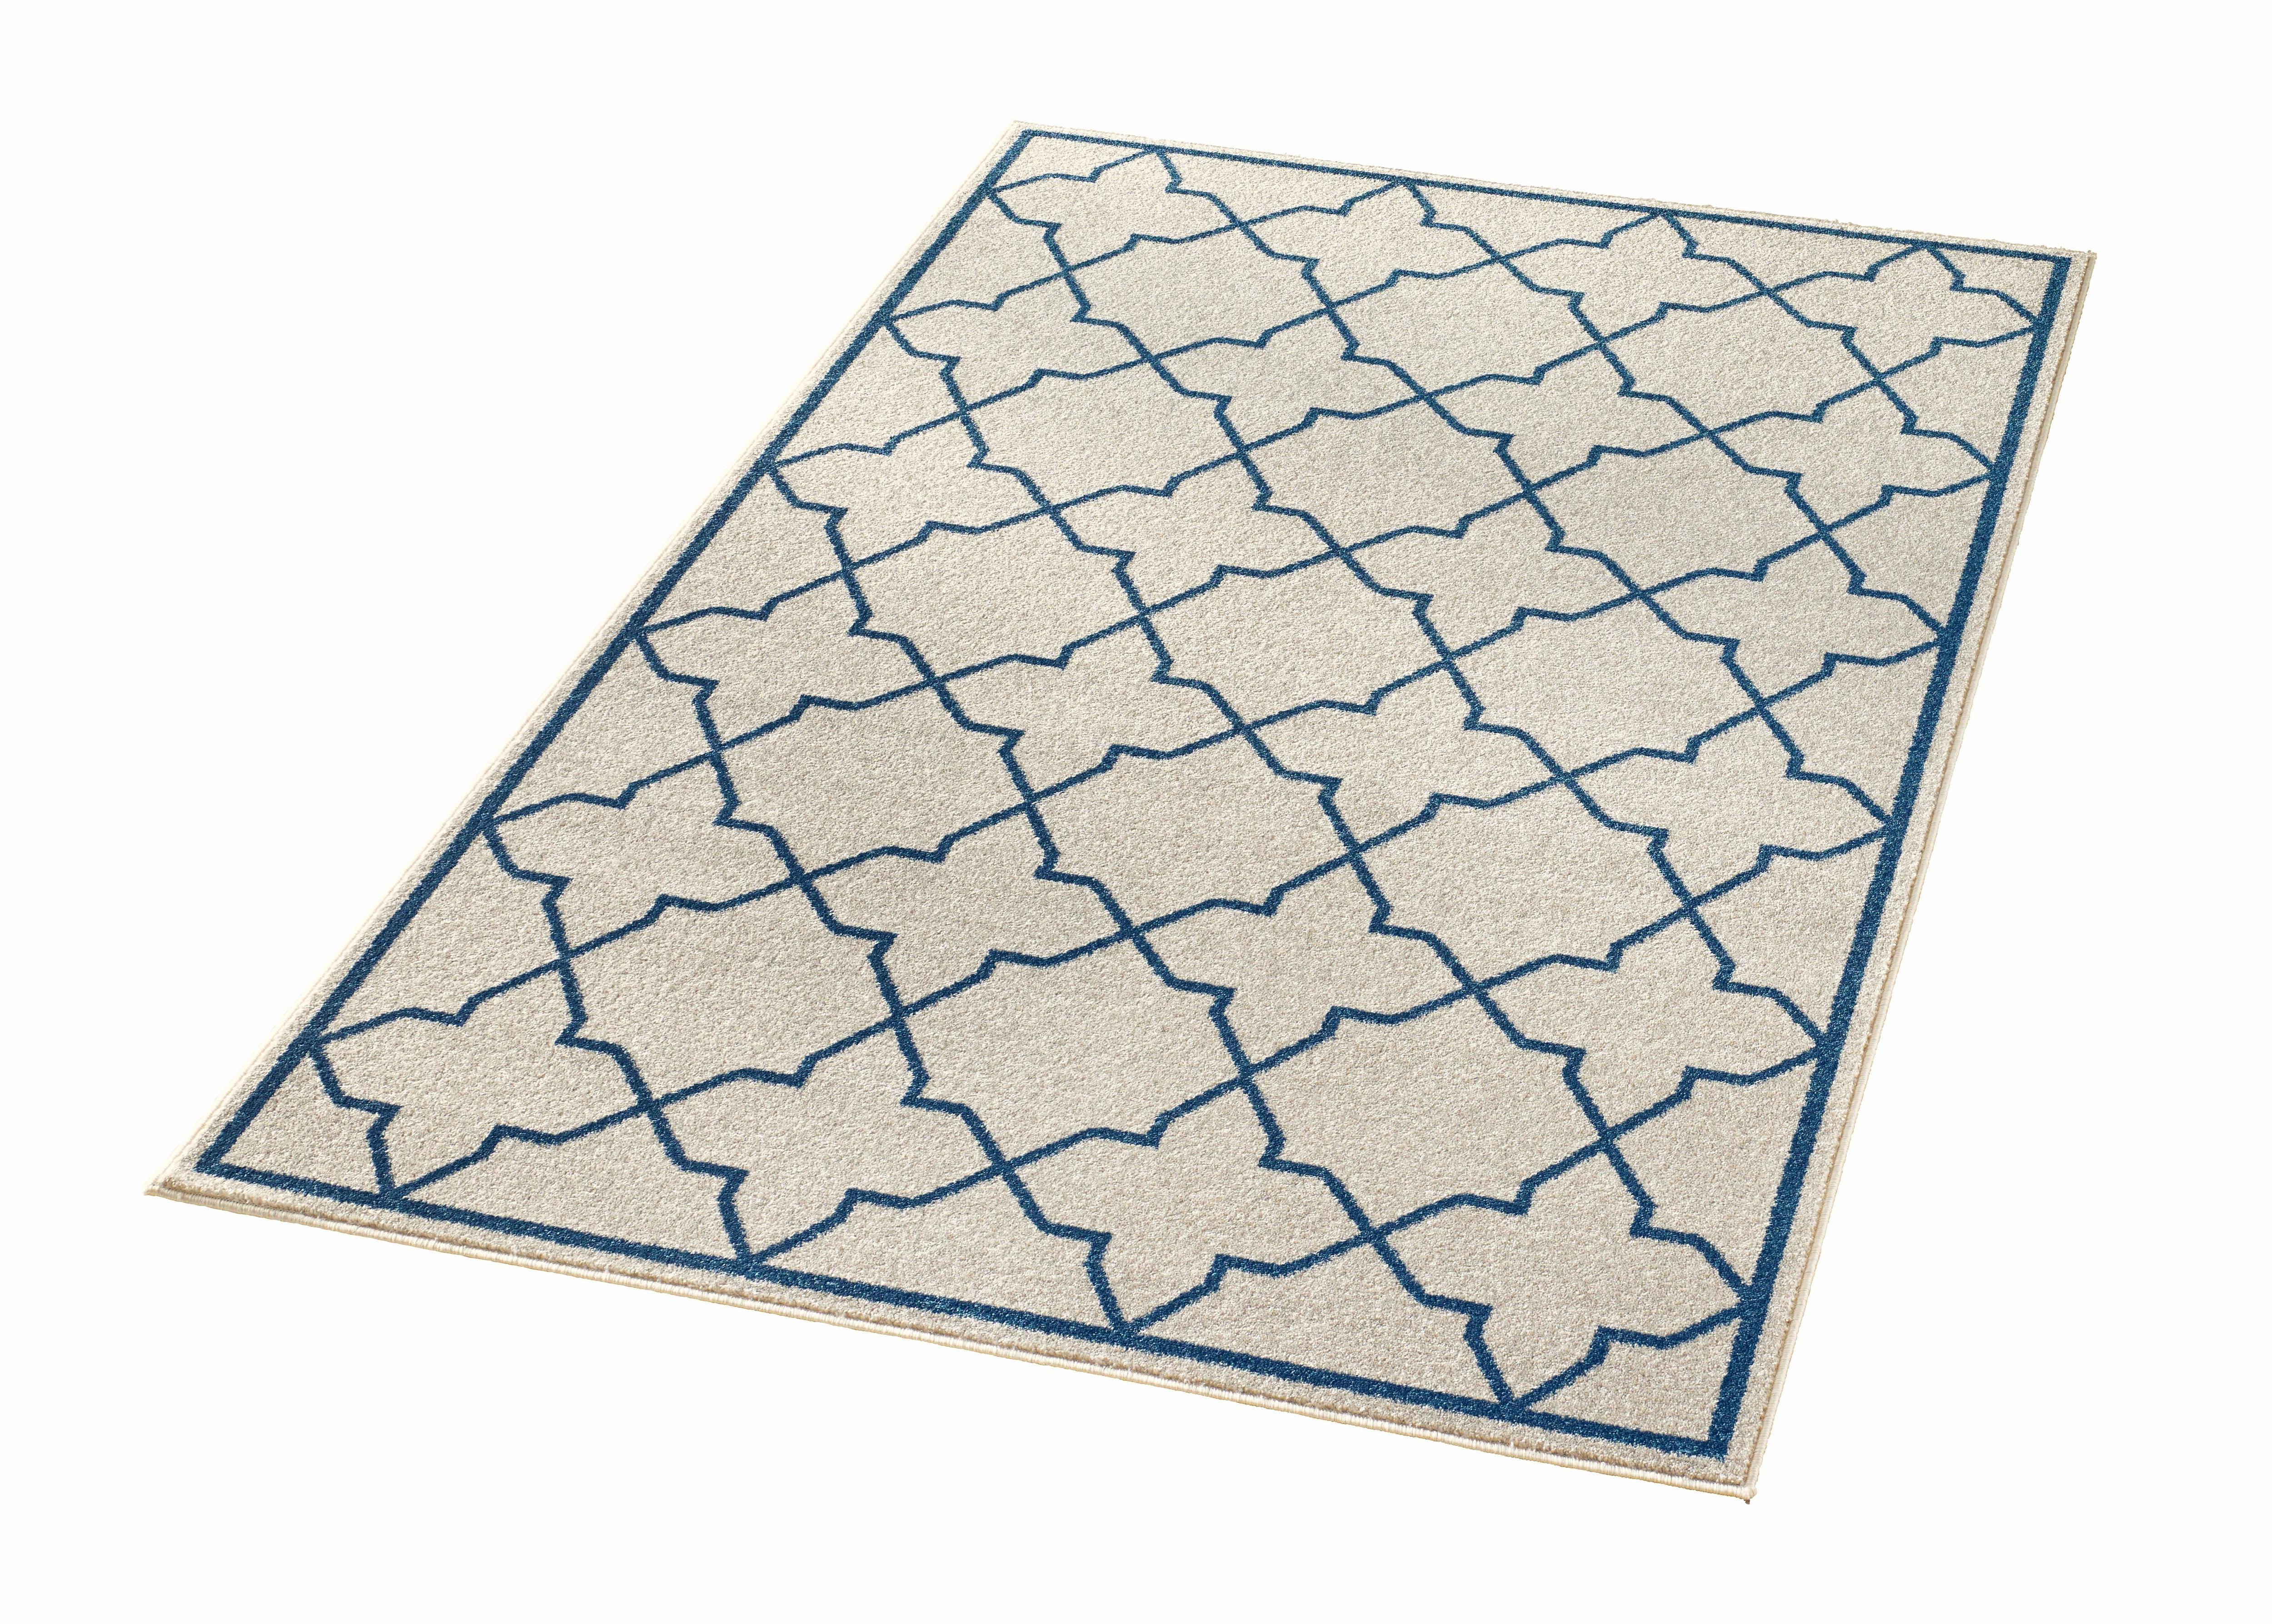 Teppich Viva 100 HANSE Home rechteckig Höhe 12 mm maschinell gewebt